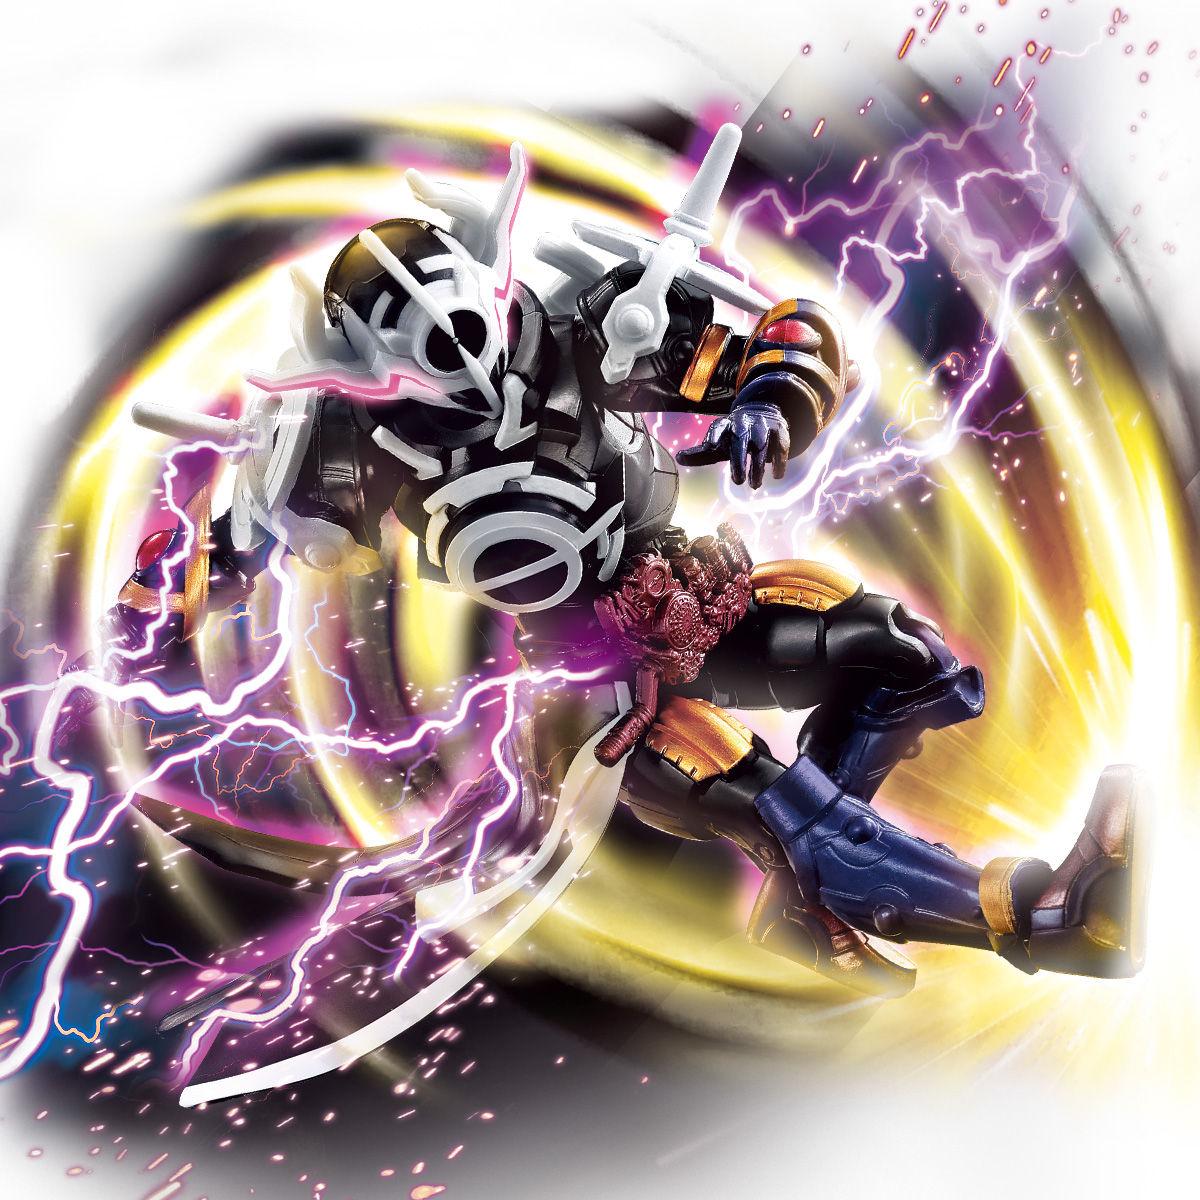 RKFレジェンドライダーシリーズ『仮面ライダーエボル ブラックホールフォーム』可動フィギュア-004